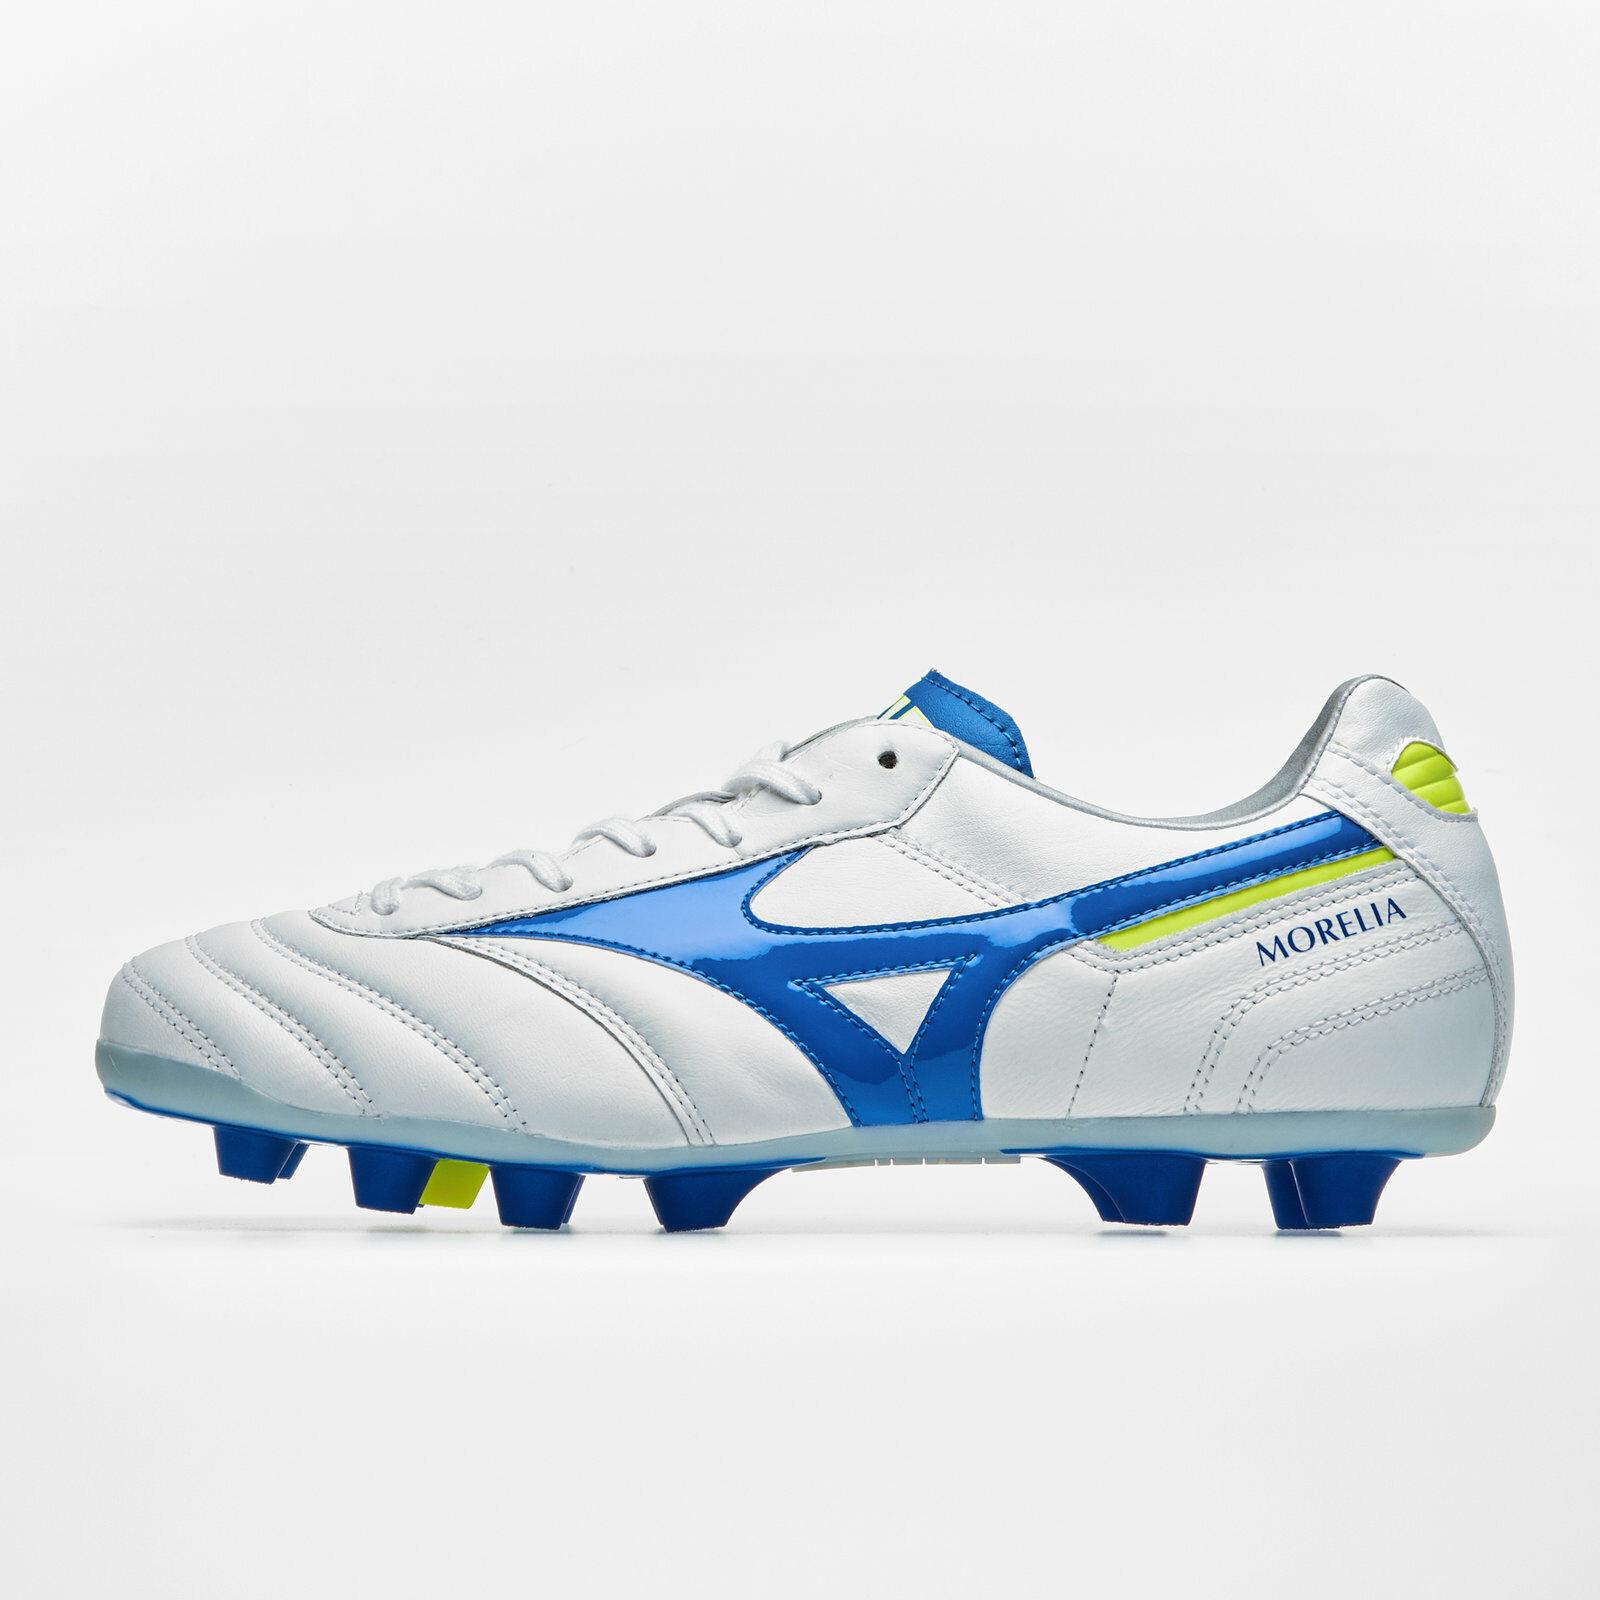 Para hombre Mizuno Morelia Md Ii Fg botas De Fútbol Tacos Zapatillas Zapatos Deportivos blancoo